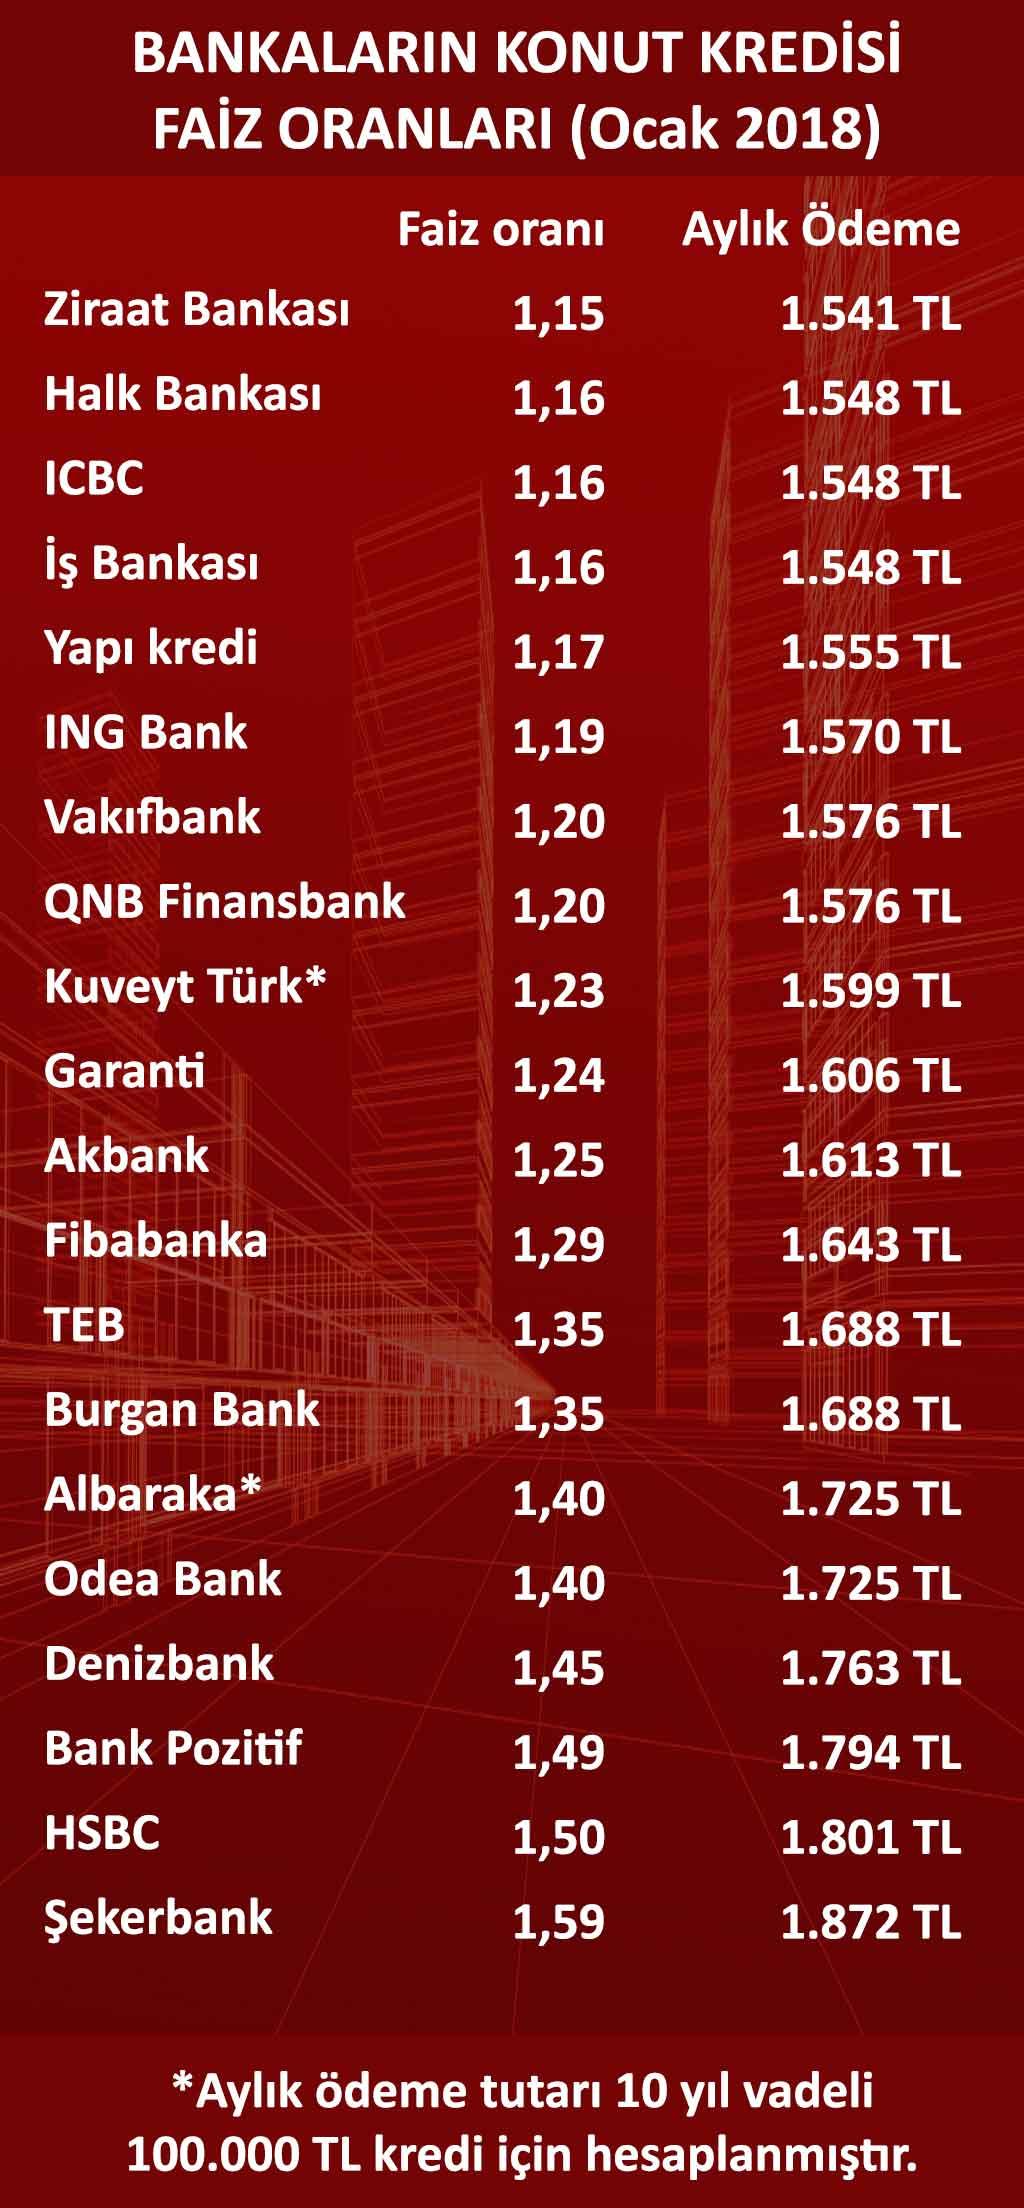 Konut kredisi faiz oranları (Ocak 2018)